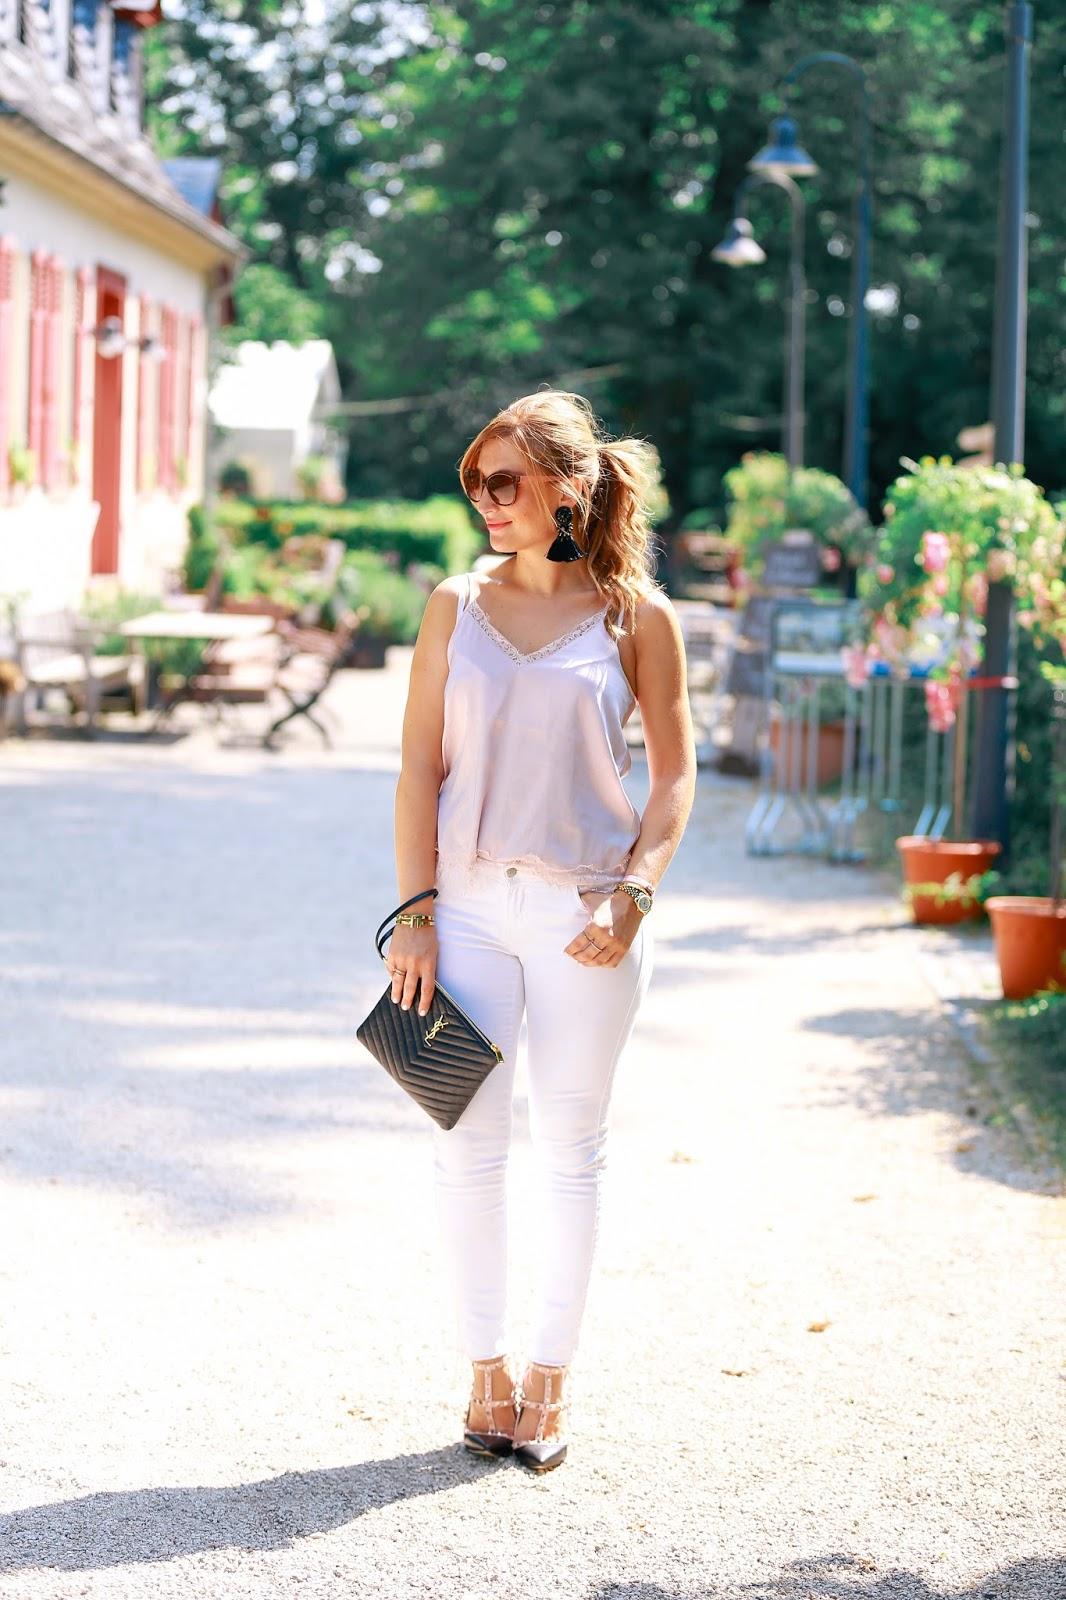 Streetstylelook-Fashionblogger-Frankfurt-Main-Modeblog-Alte-Oper-ysl-clutch-schuhe-mit-nieten-weiße-jeans-hängeohrringe-H&M